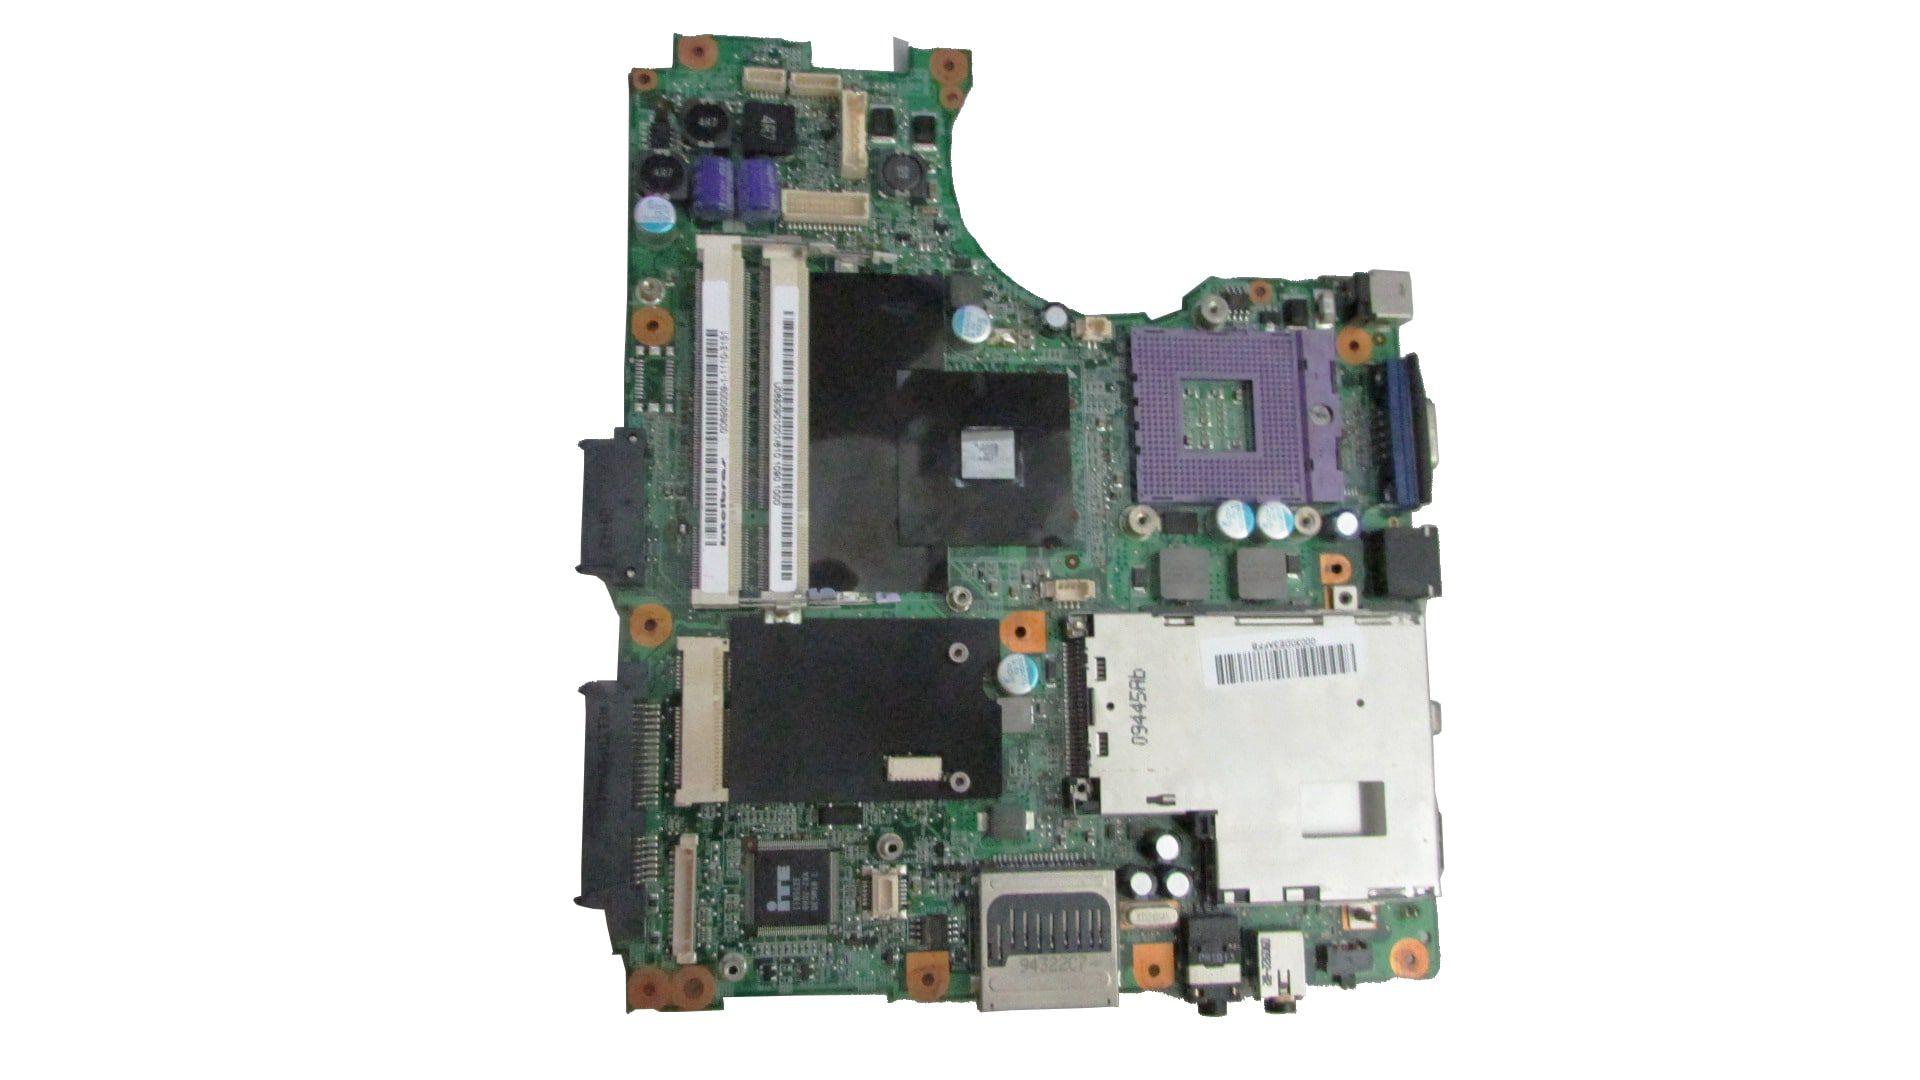 Placa Mãe Notebook Intelbras I500 37G521000-10 (Placa C/ Defeito)